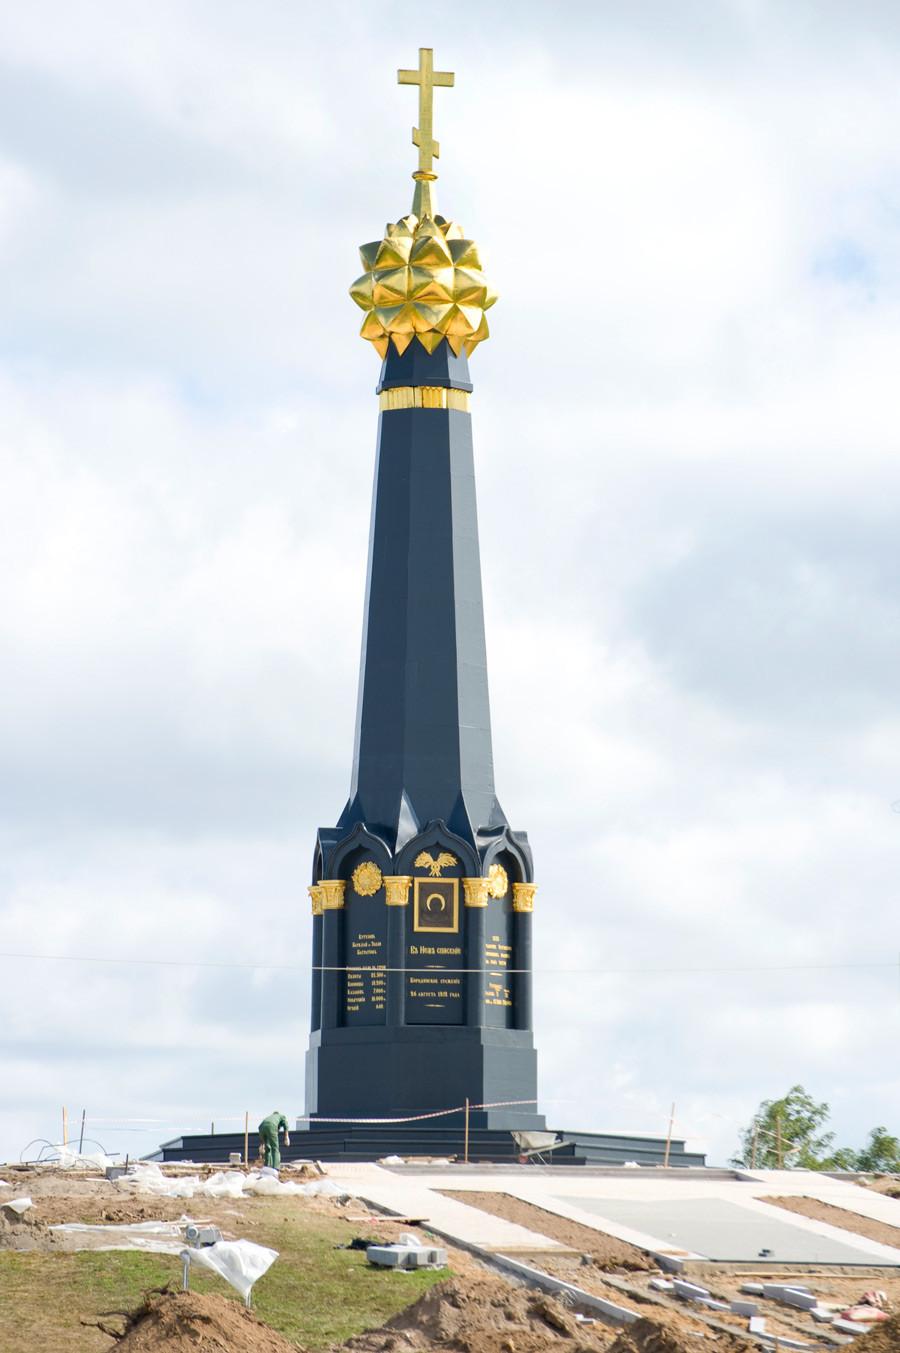 ボロジノの古戦場におけるロシアの将兵に捧げられたメイン・モニュメント(1987年に再建)。2012年8月21日。